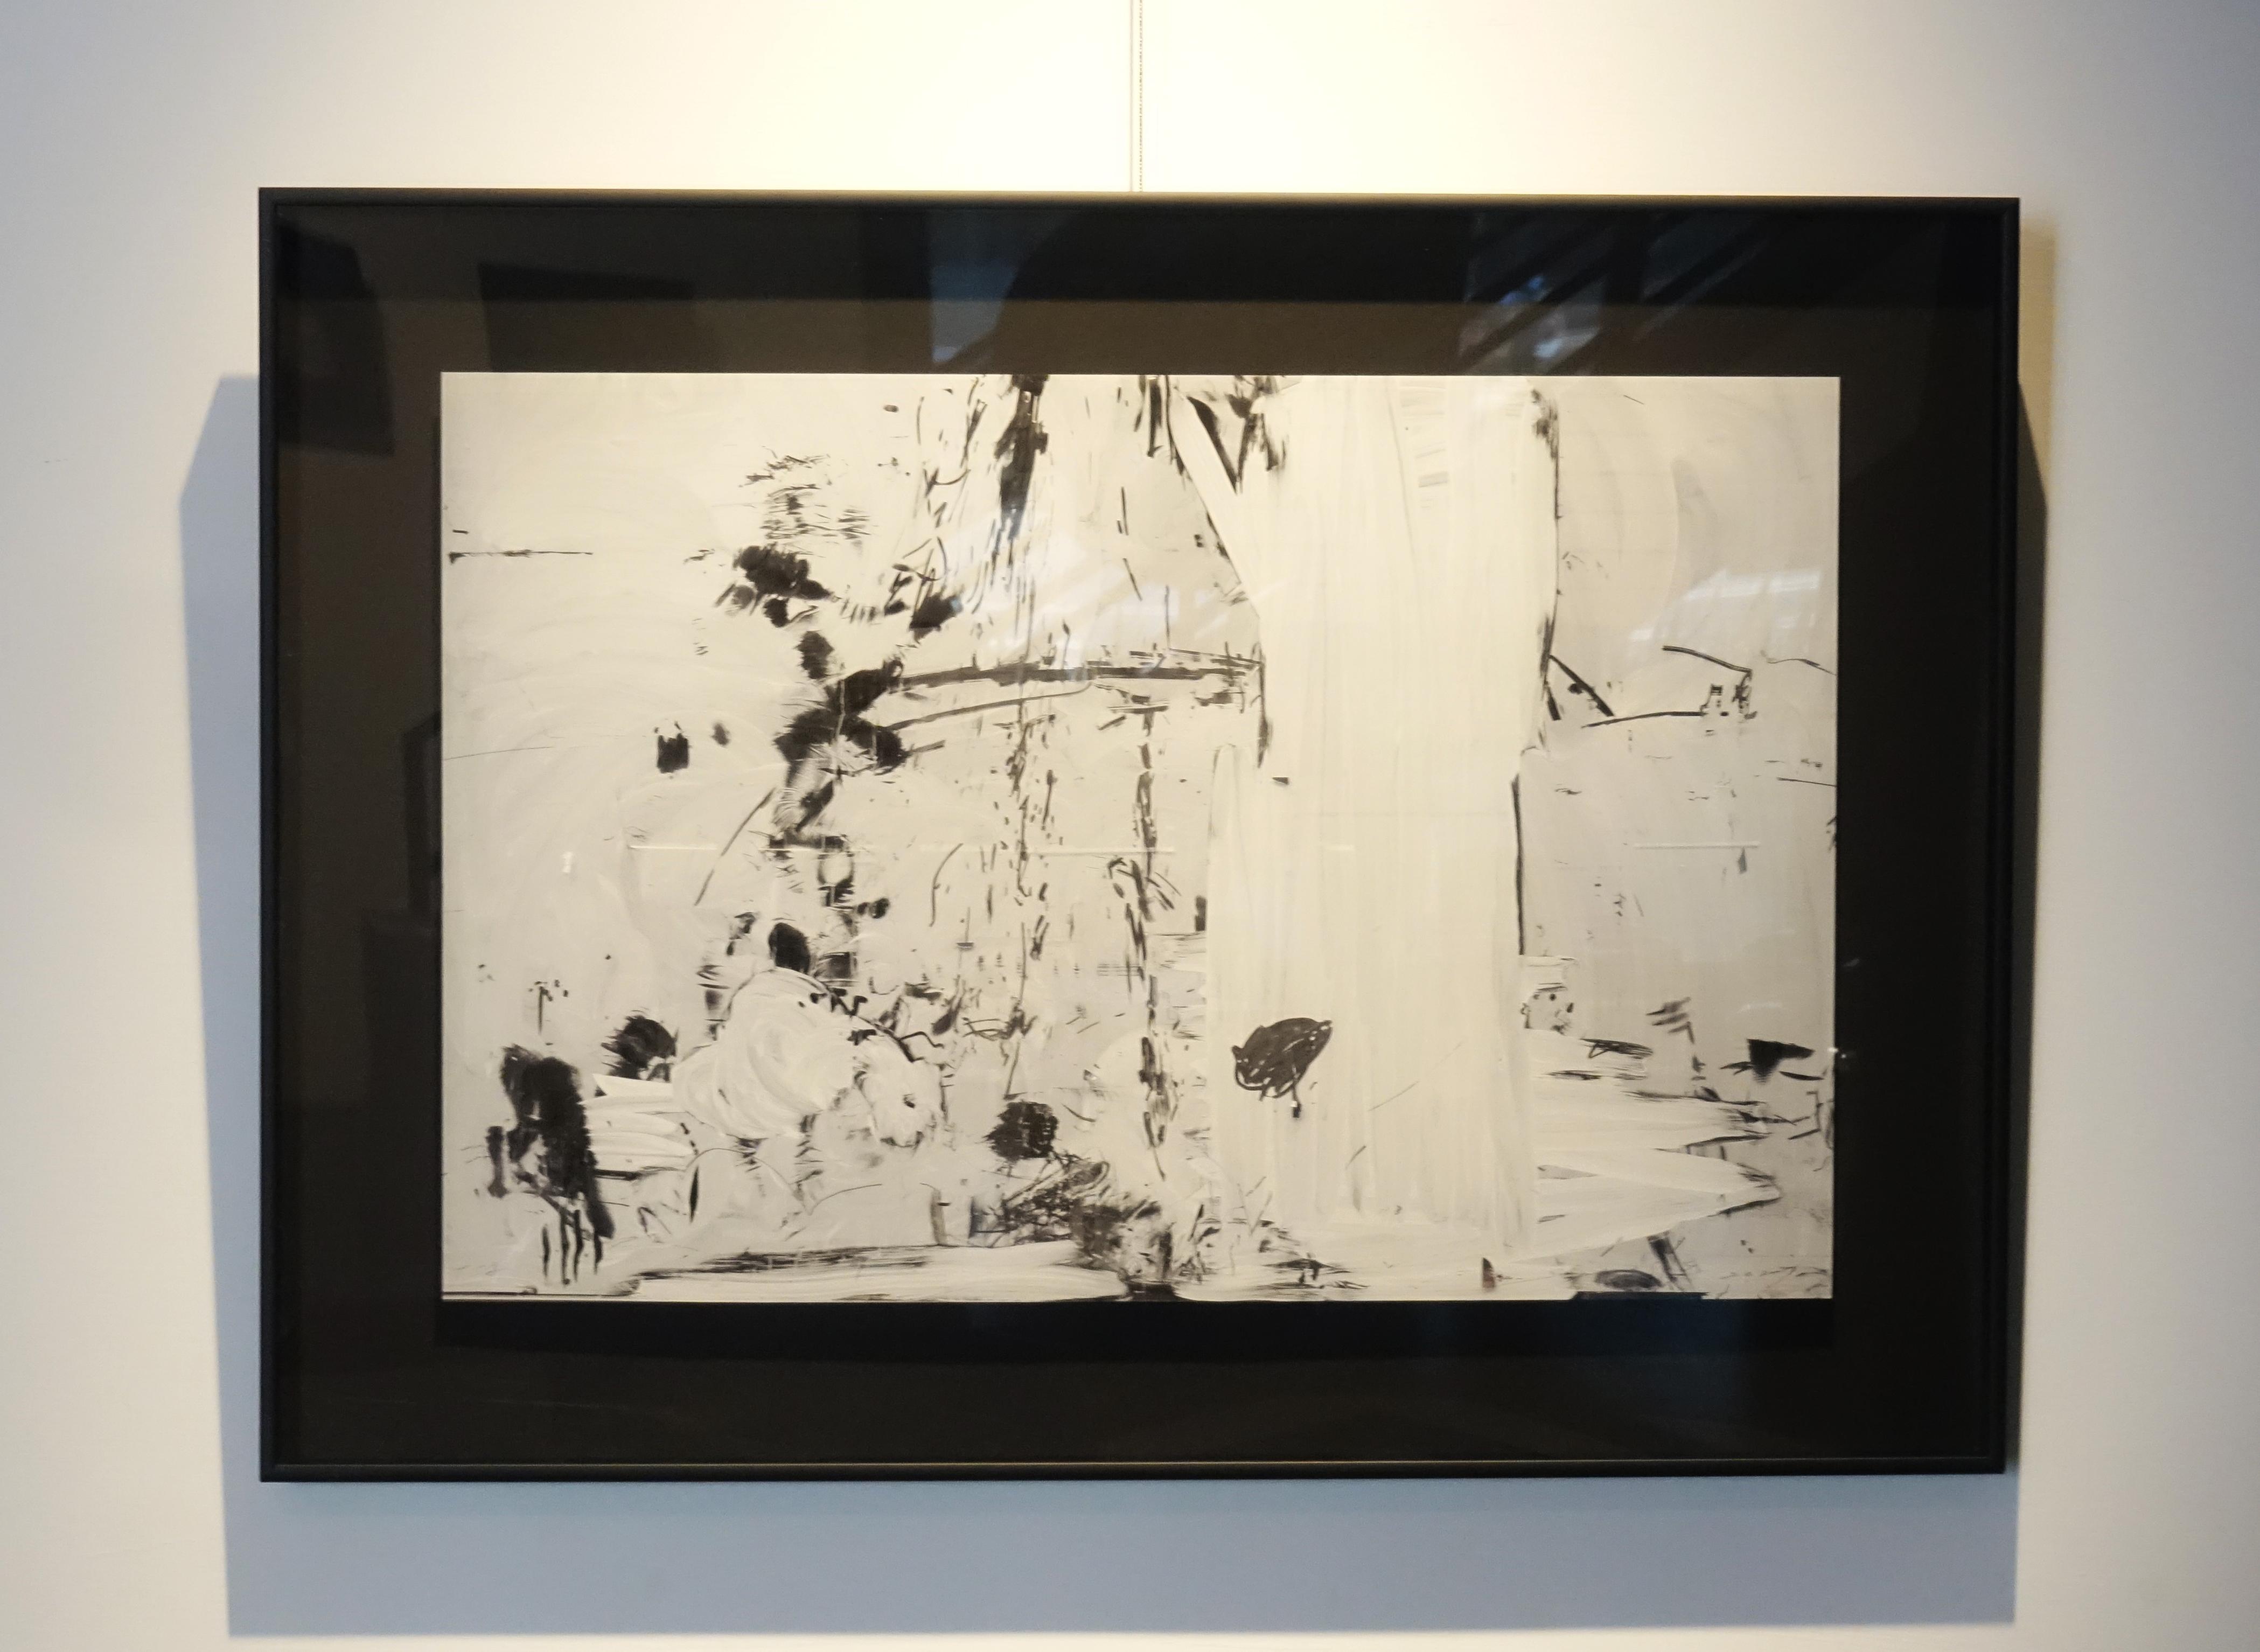 小山俊孝,《後當代表現主義#31》,24 x 16 in,攝影、無酸藝術紙,2017。